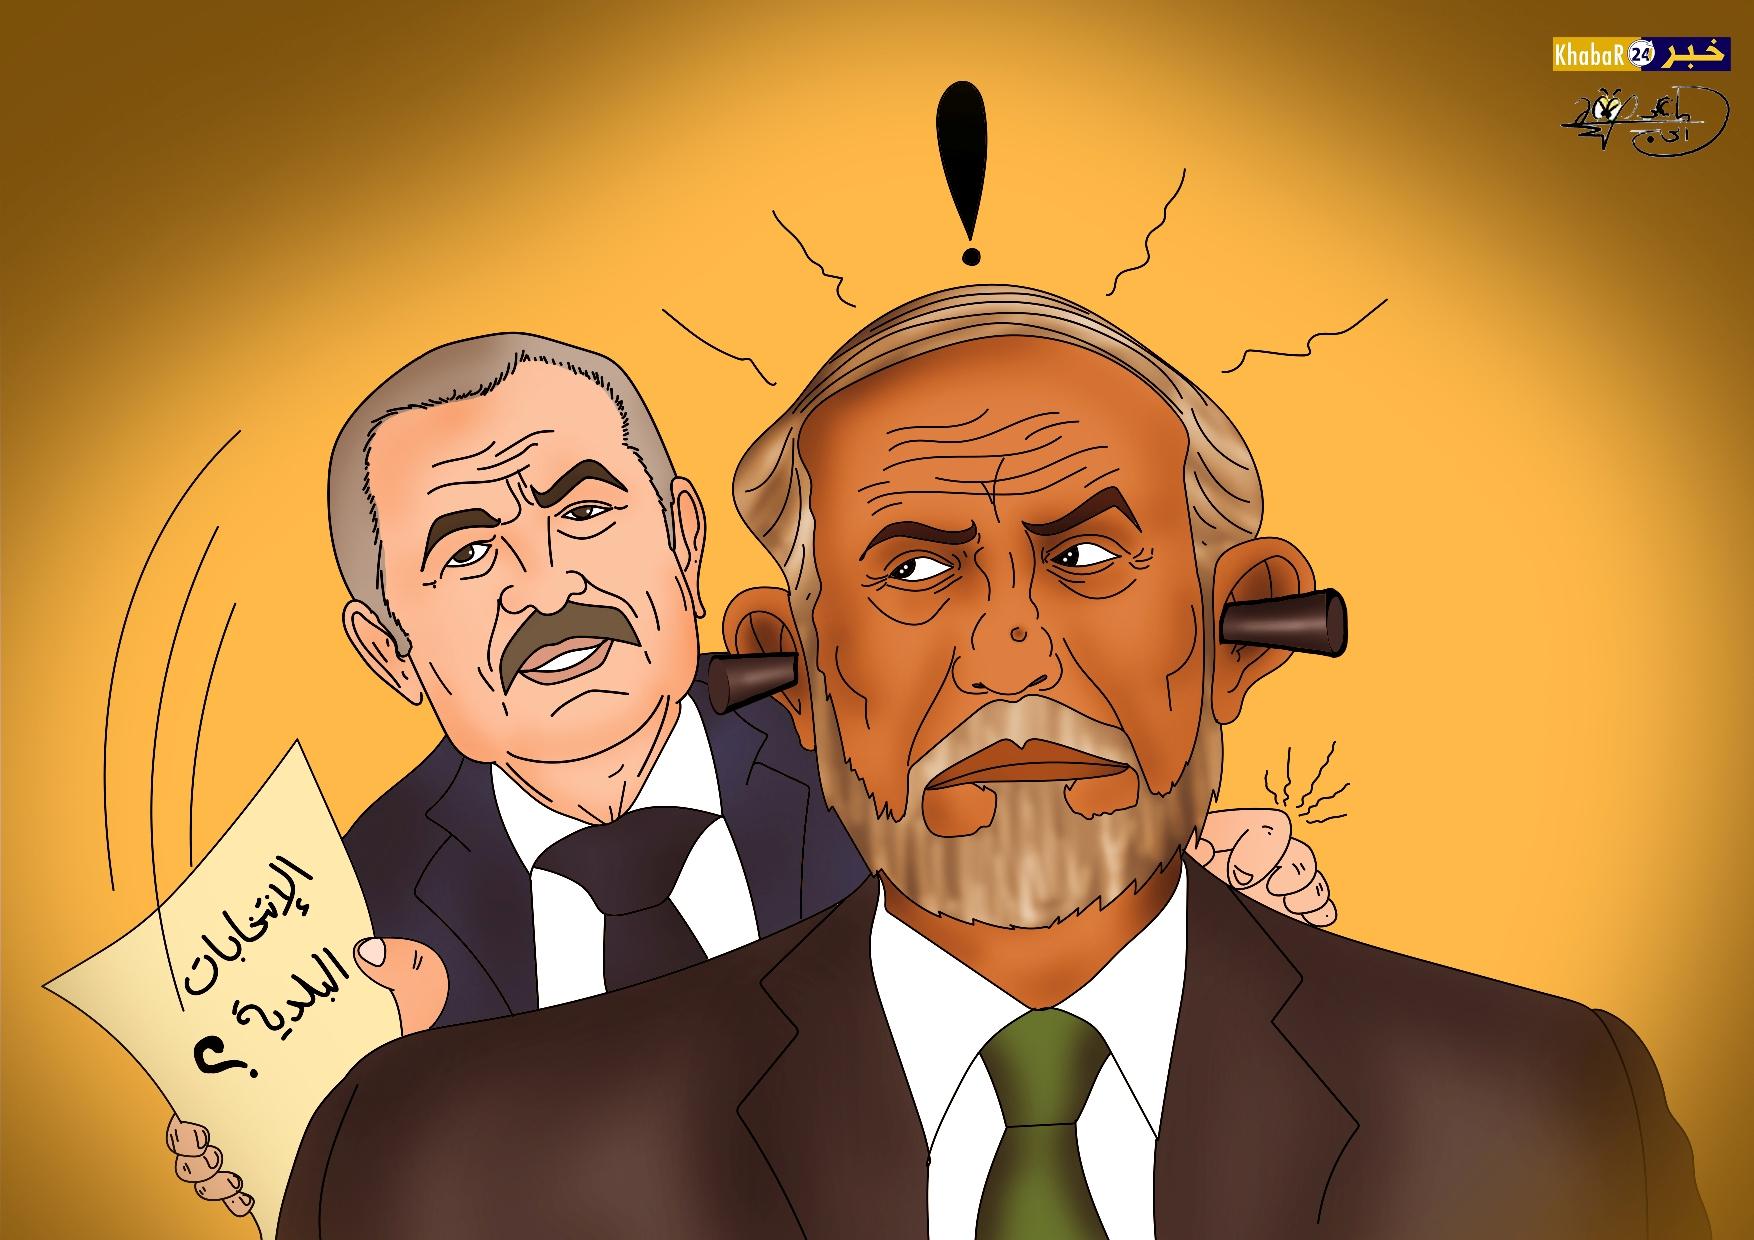 اشتية يدعو حماس للموافقة على اجراء الانتخابات المحلية في قطاع غزة أسوة بالضفة